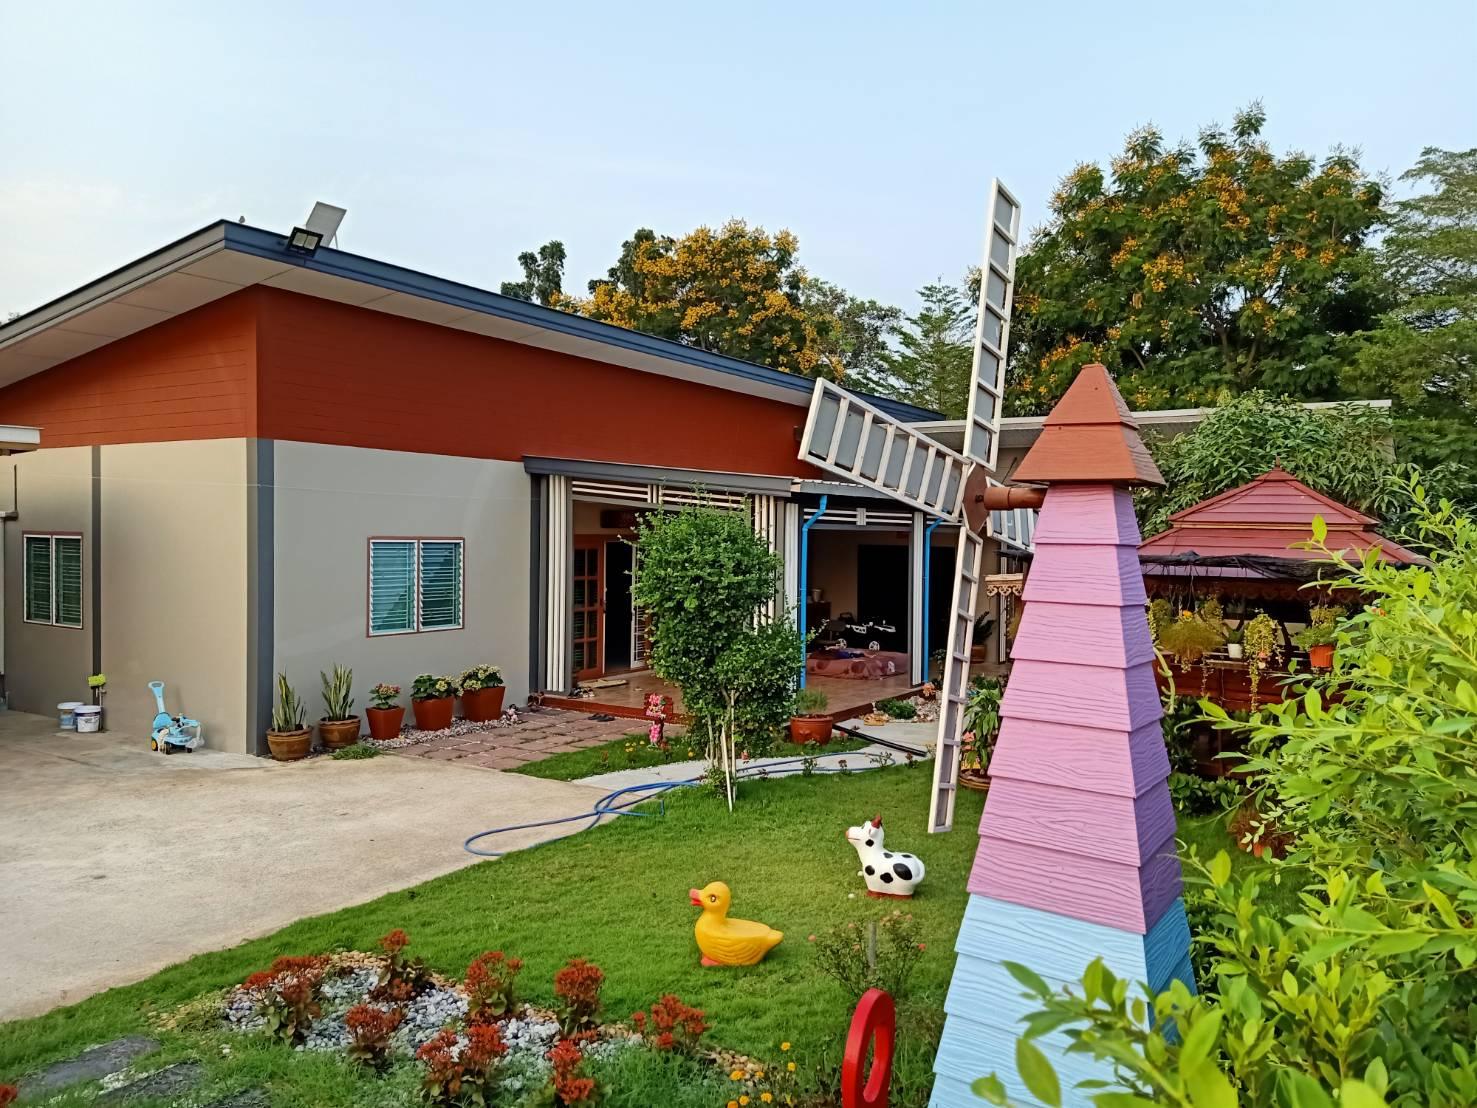 ขายบ้านพร้อมที่ดิน เนื้อที่ 160 ตารางวา  3 ห้องนอน 3 ห้องน้ำ มีพื้นที่รอบบ้าน มีสวนนั่งเล่น พร้อมโฉน